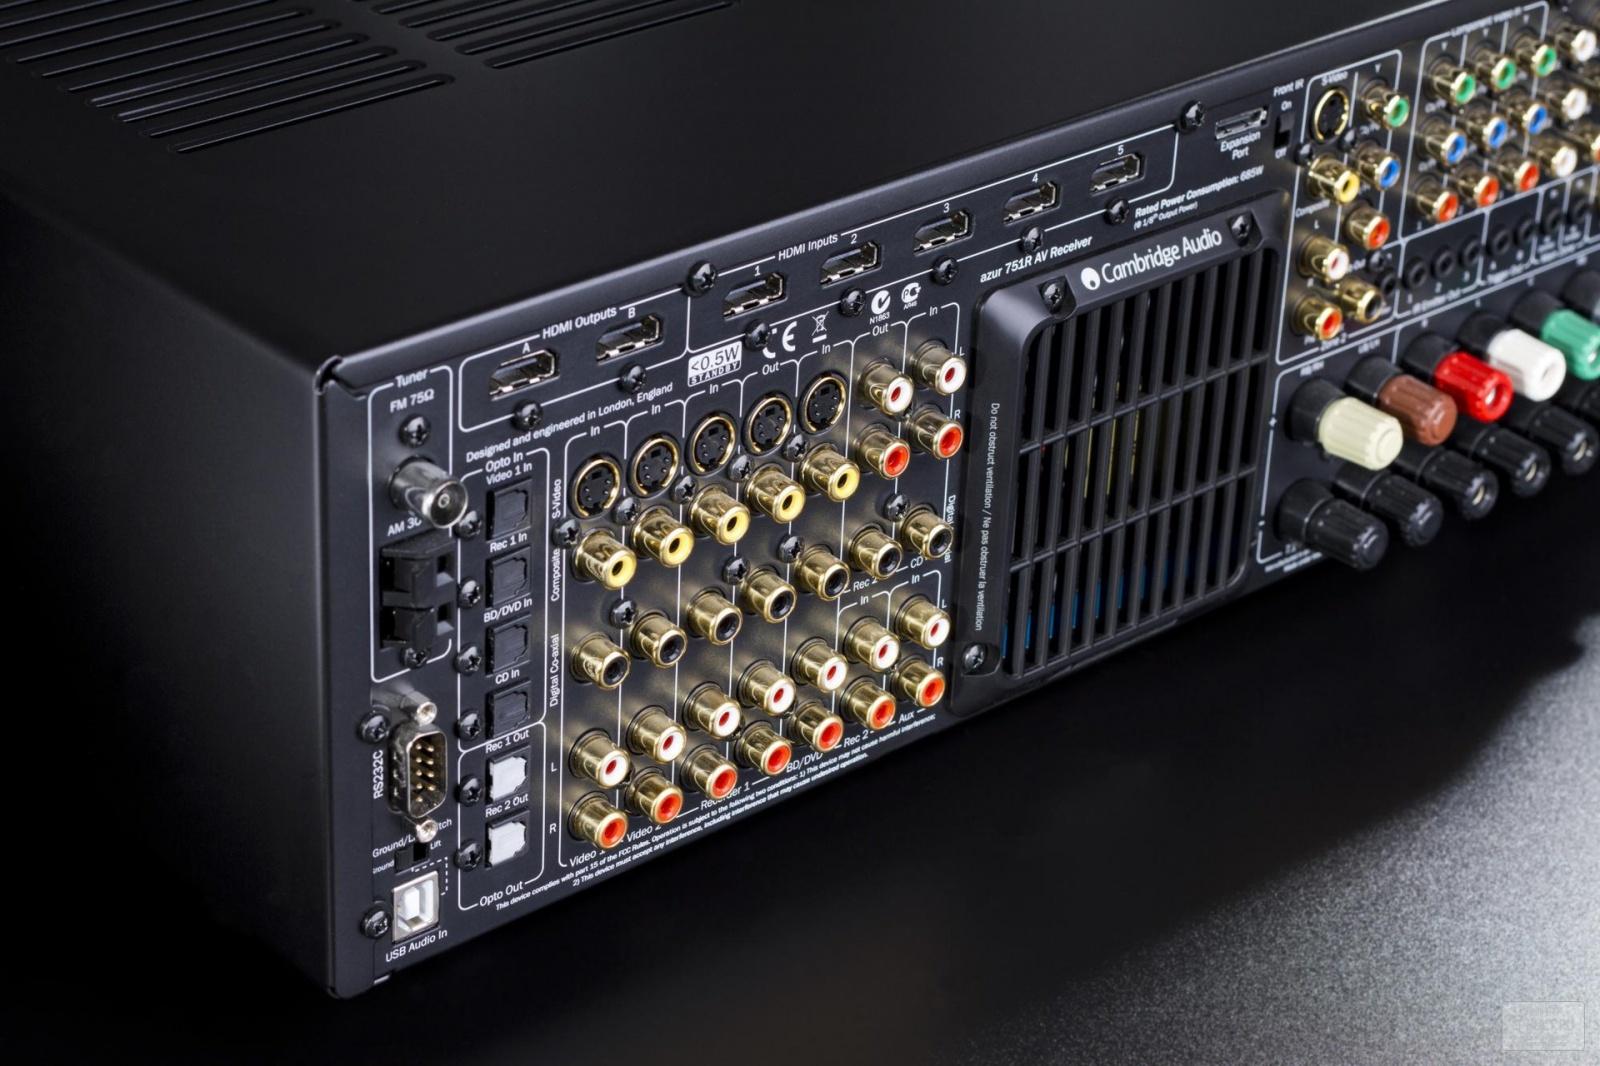 Выбрать AV-ресивер: критерии оценки и возможности устройств - 1